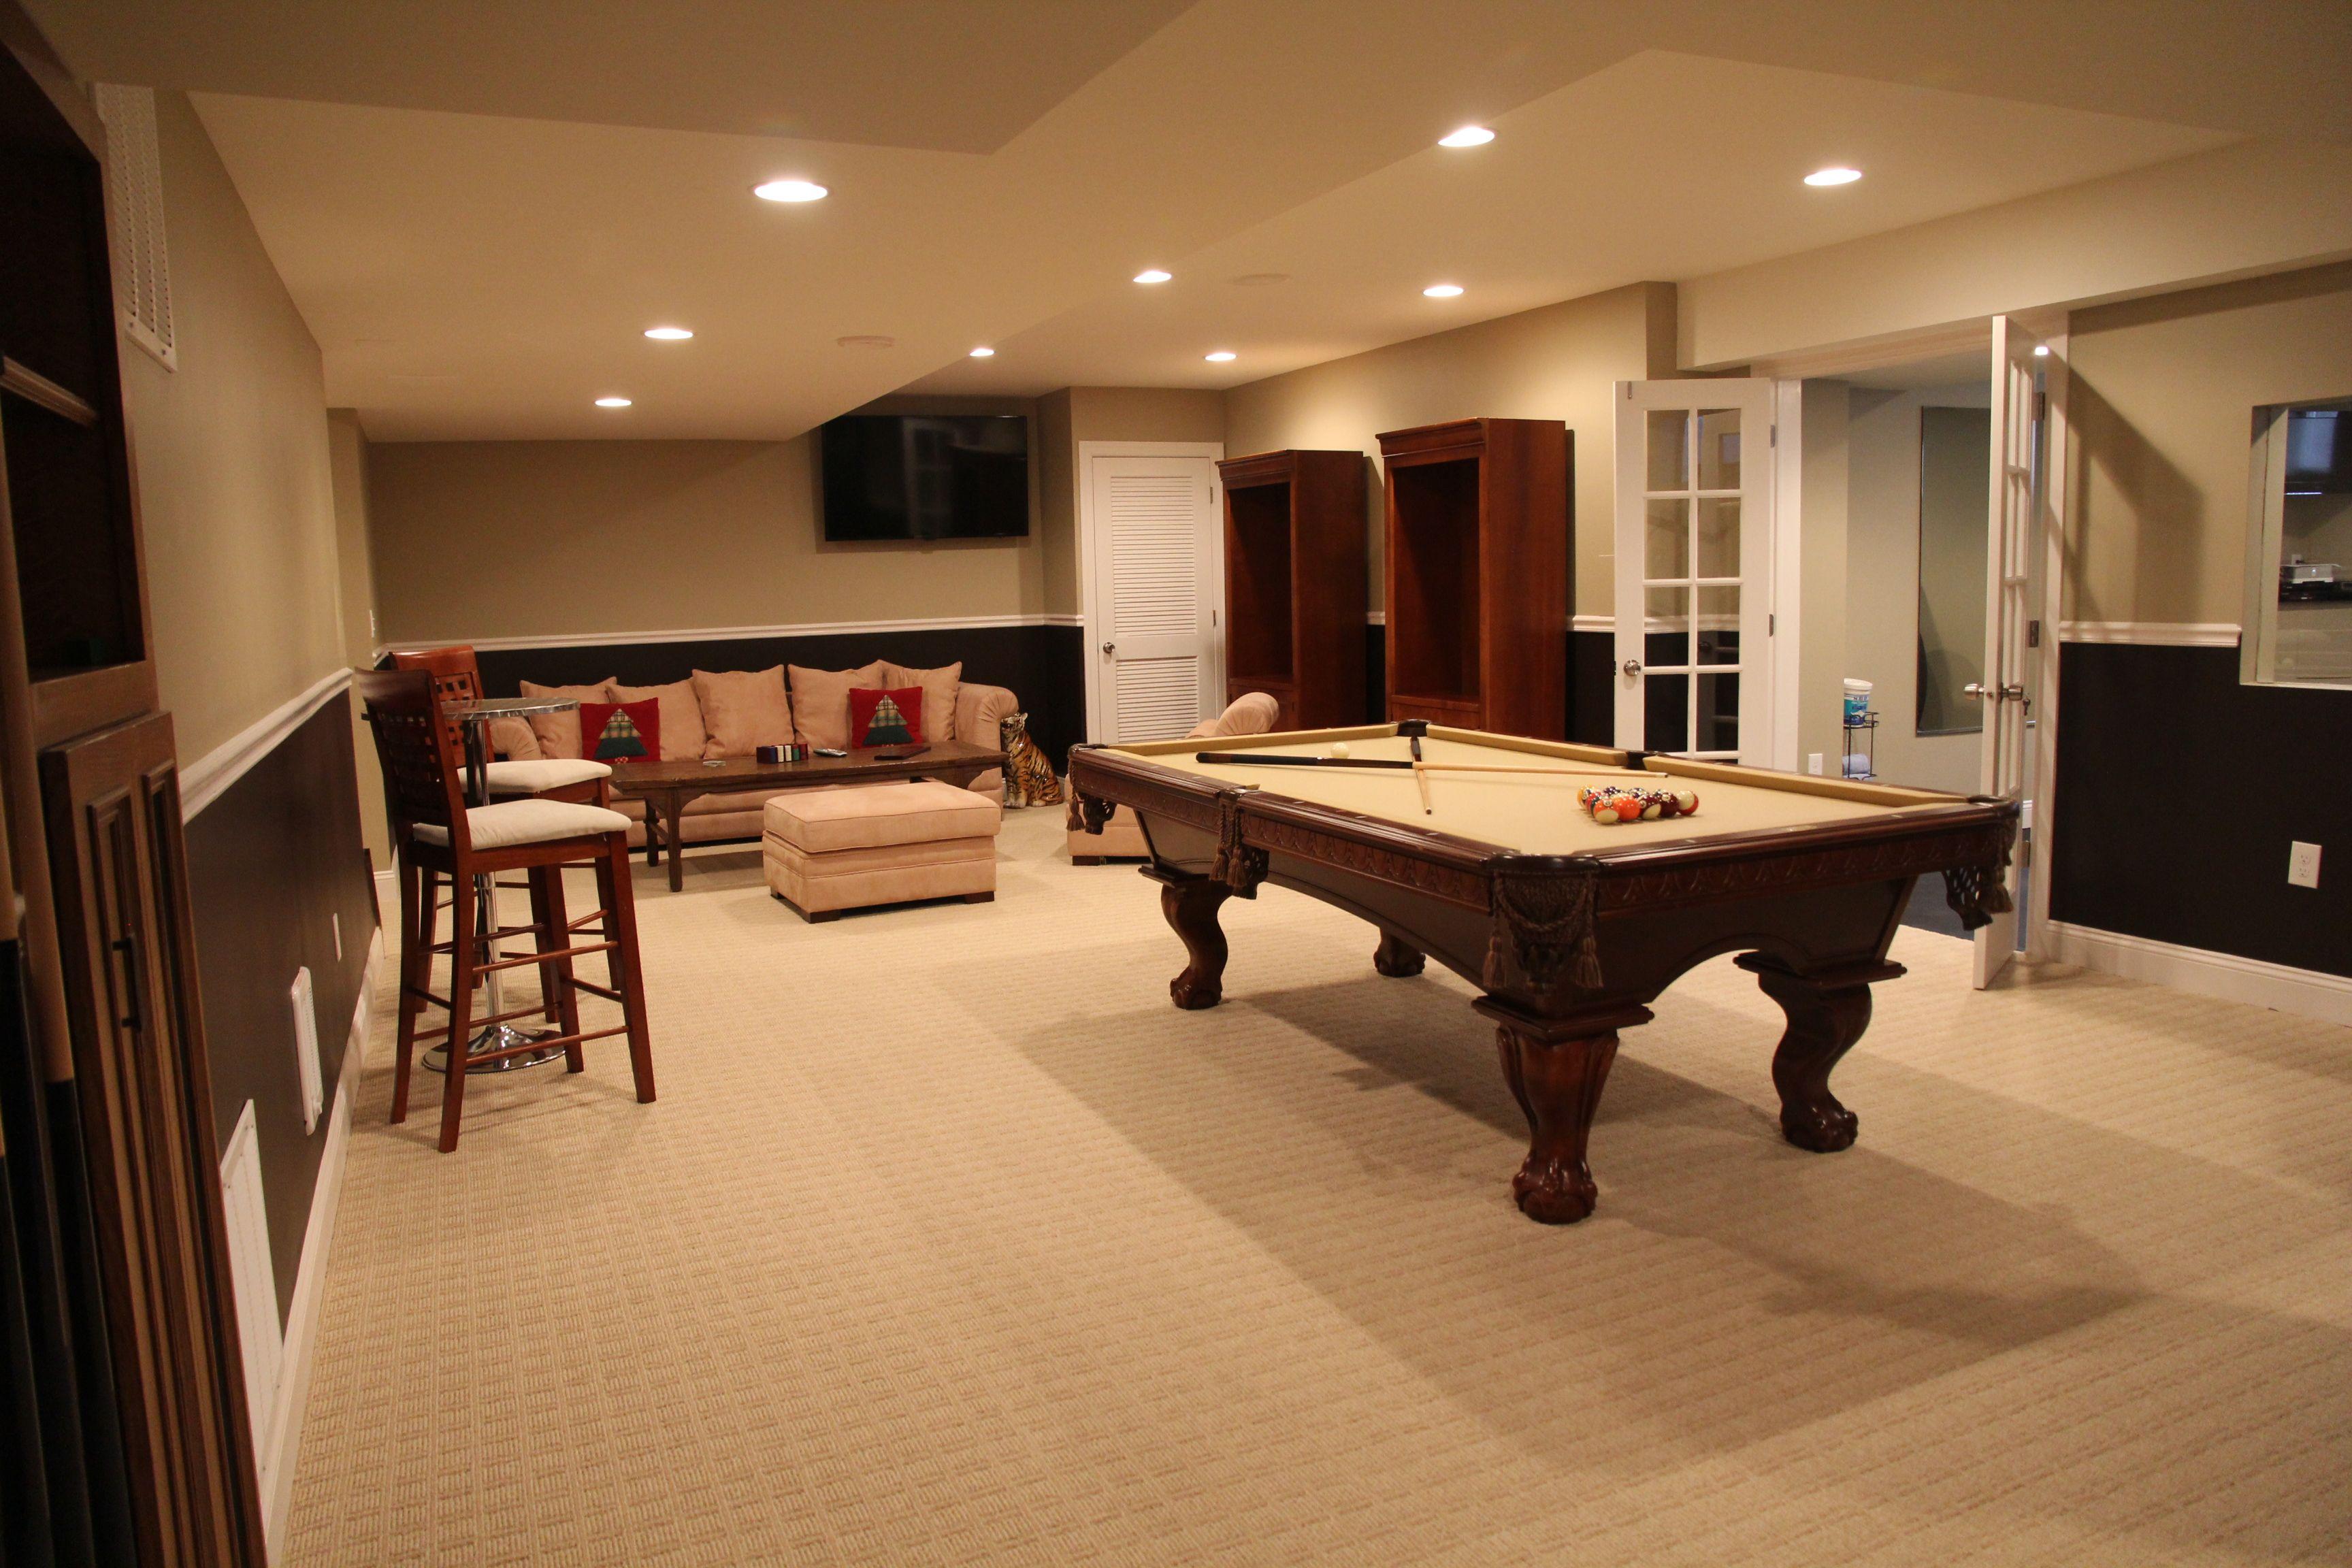 23 Most Popular Small Basement Ideas Decor And Remodel Billiards Room Decor Media Room Decor Rec Room Basement